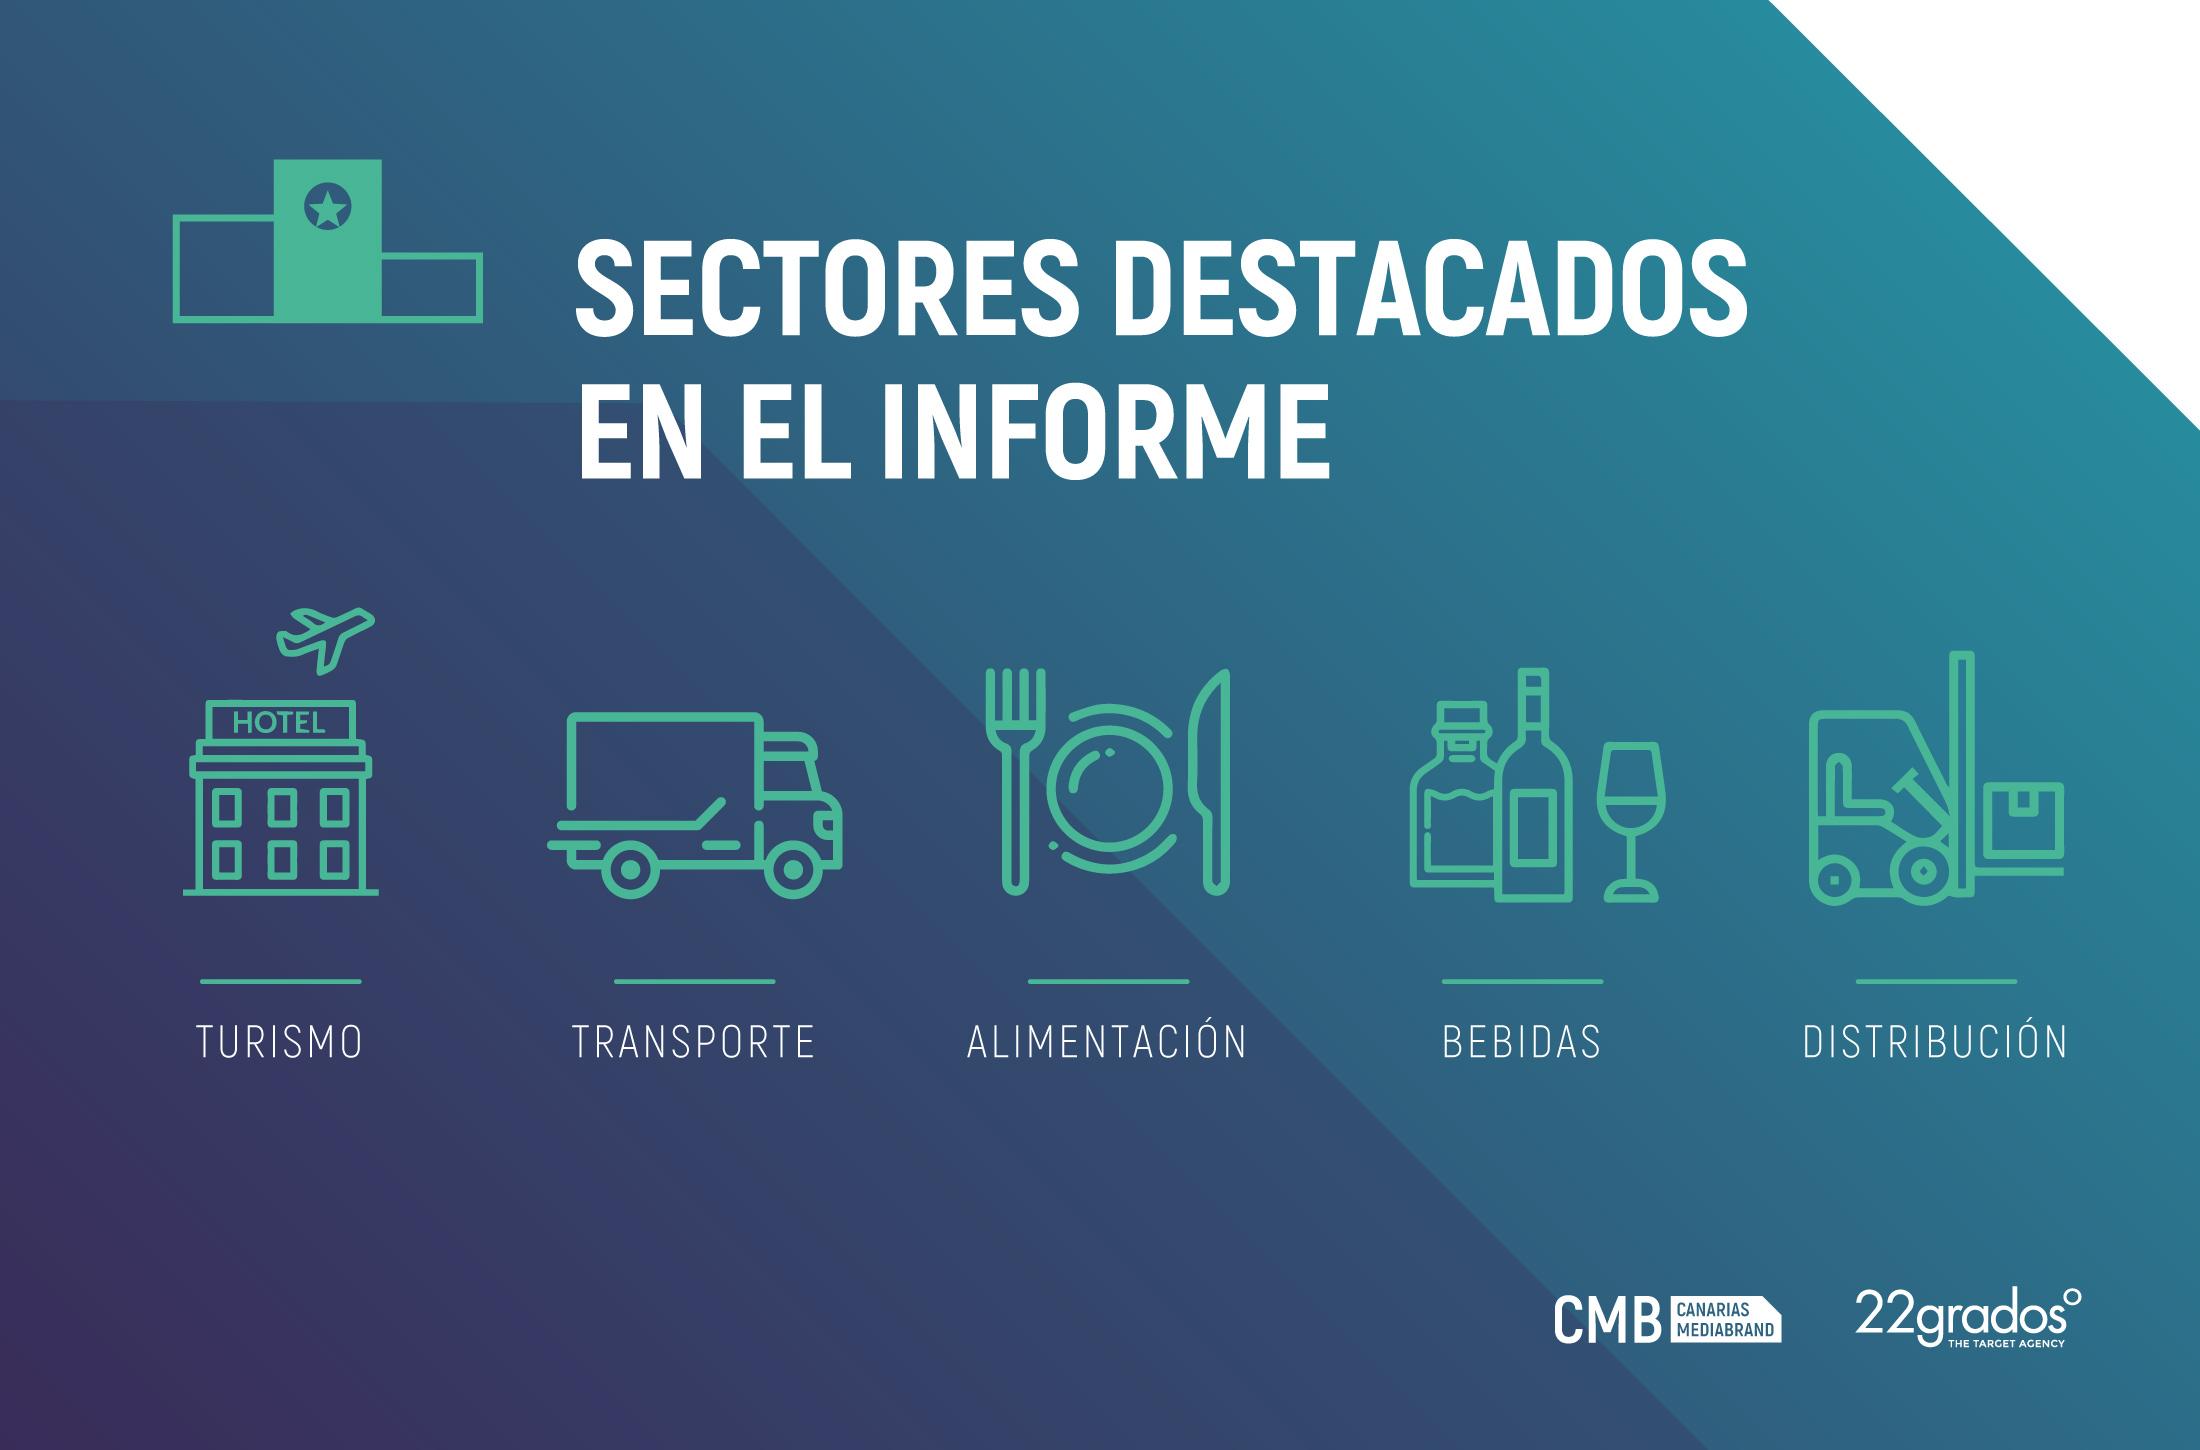 Las marcas canarias de los sectores Turismo y Transportes, las que mejor gestionan su presencia online